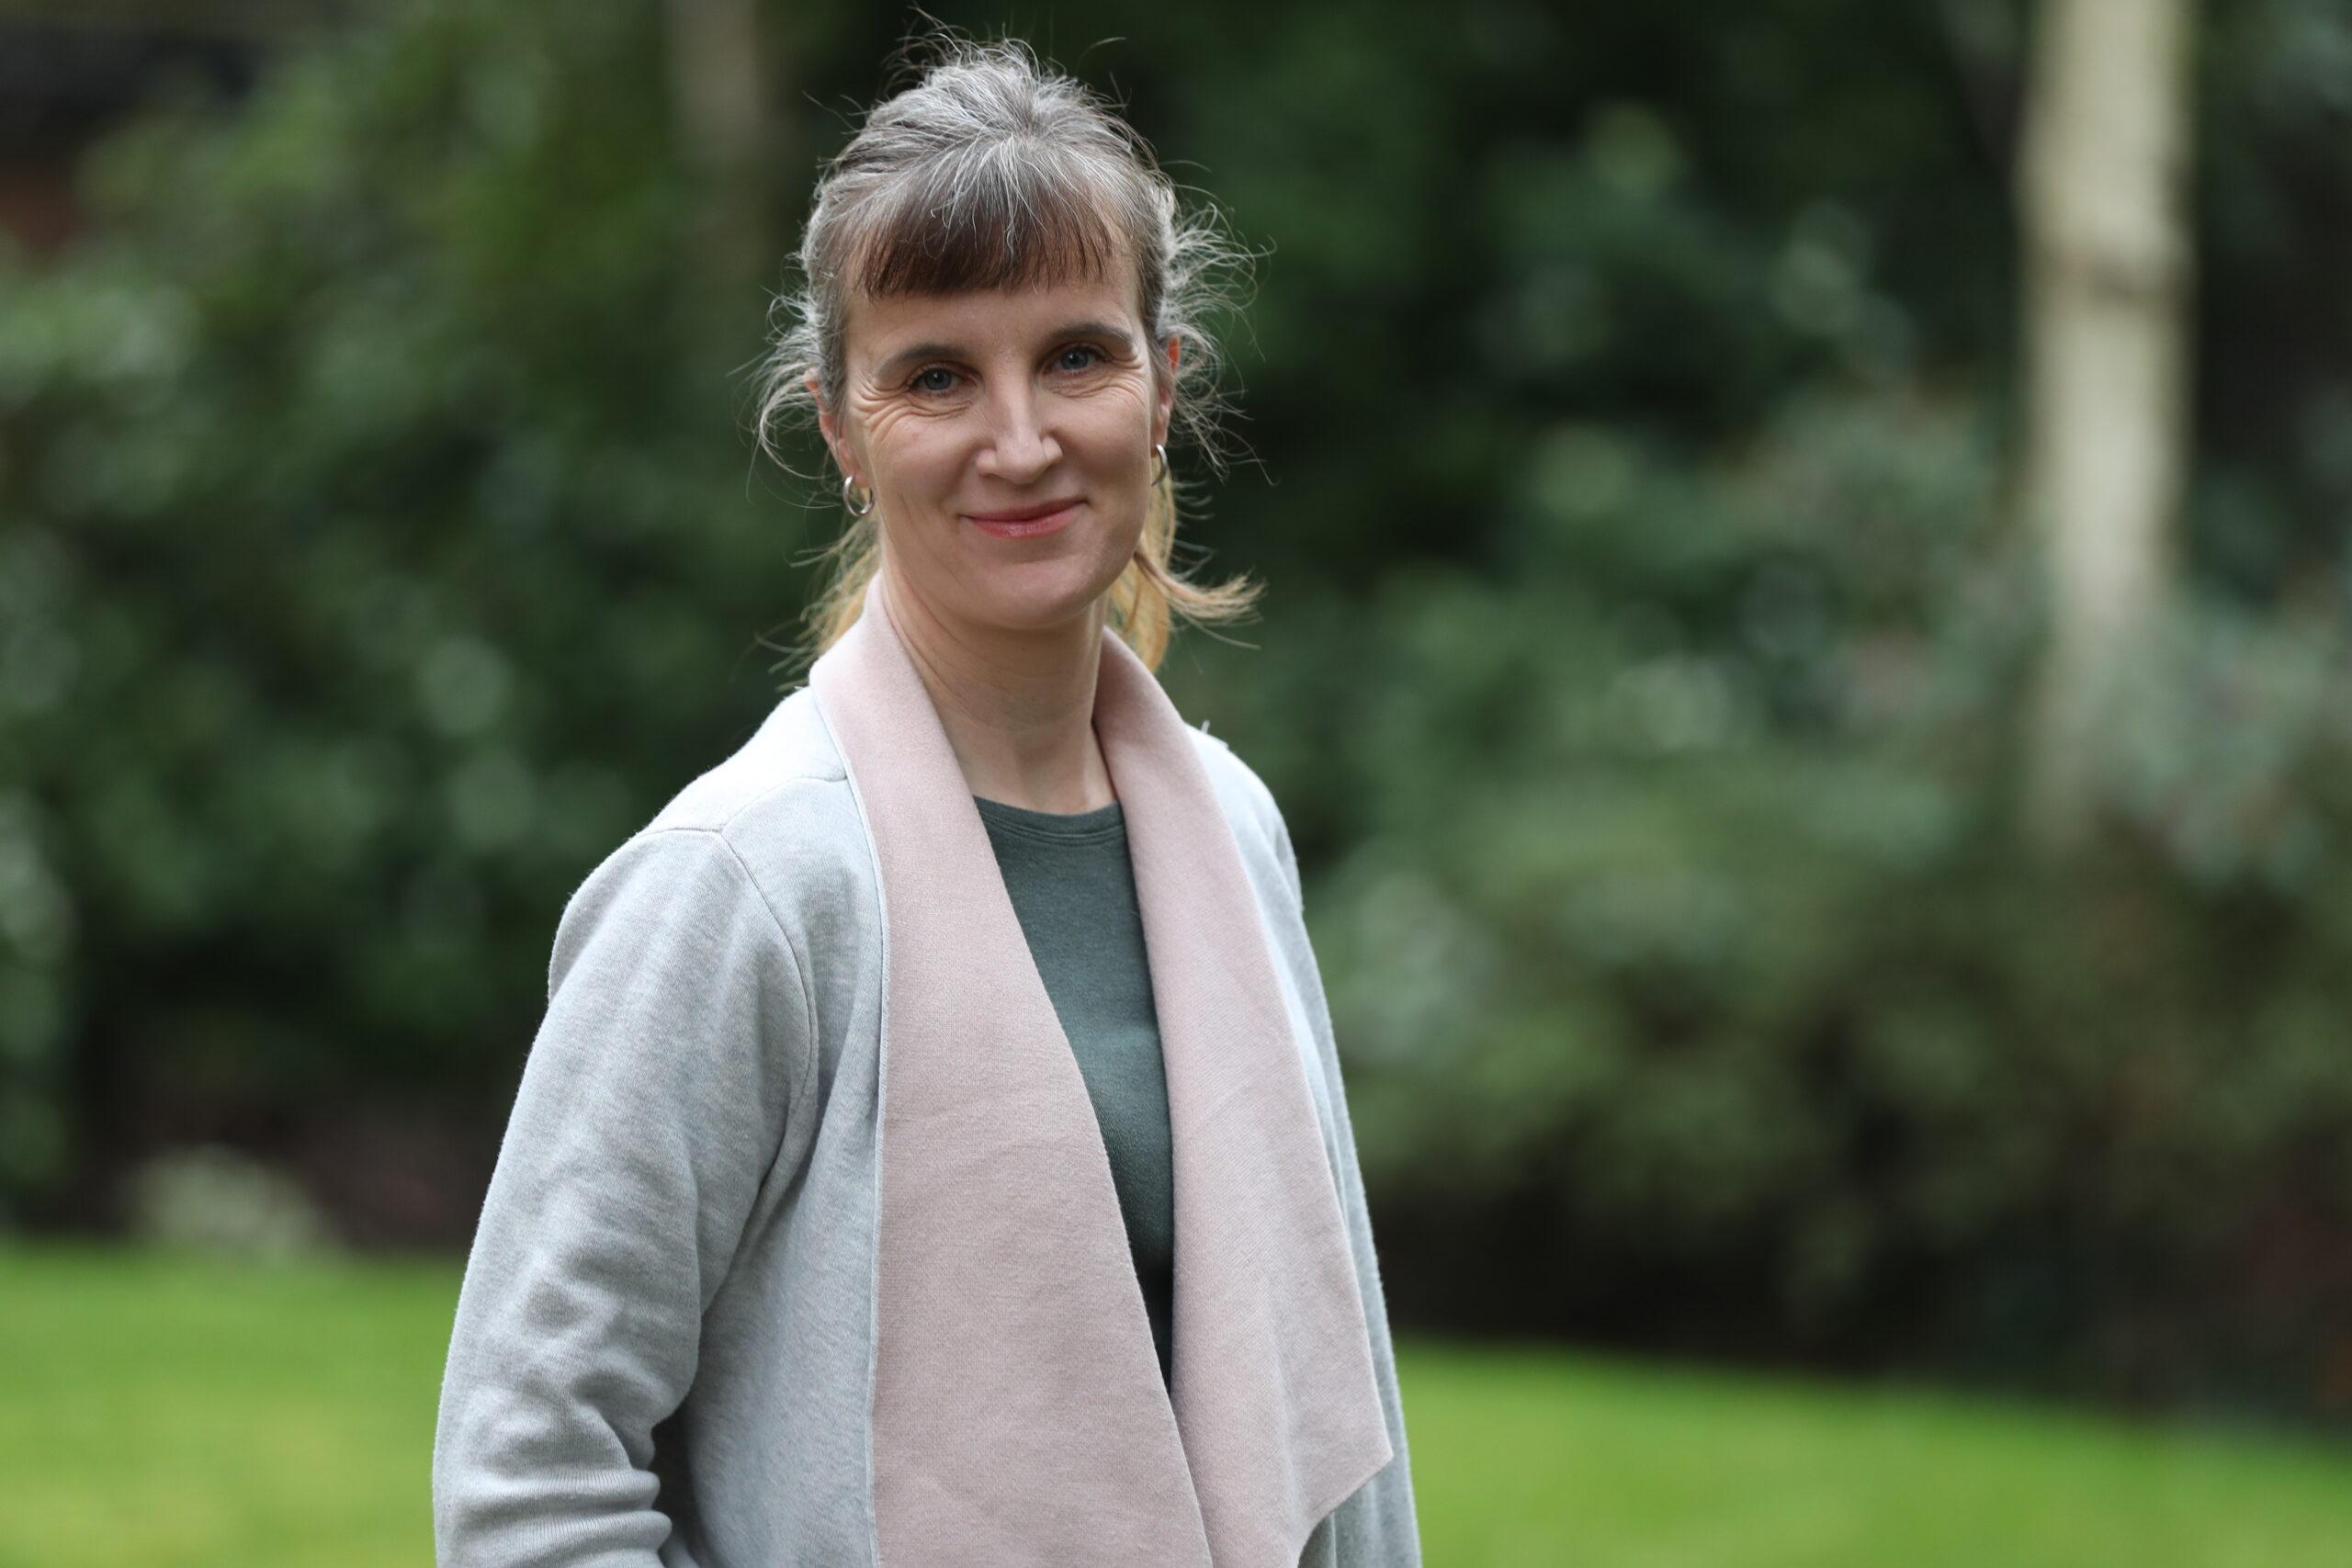 Dr Helen McAvoy